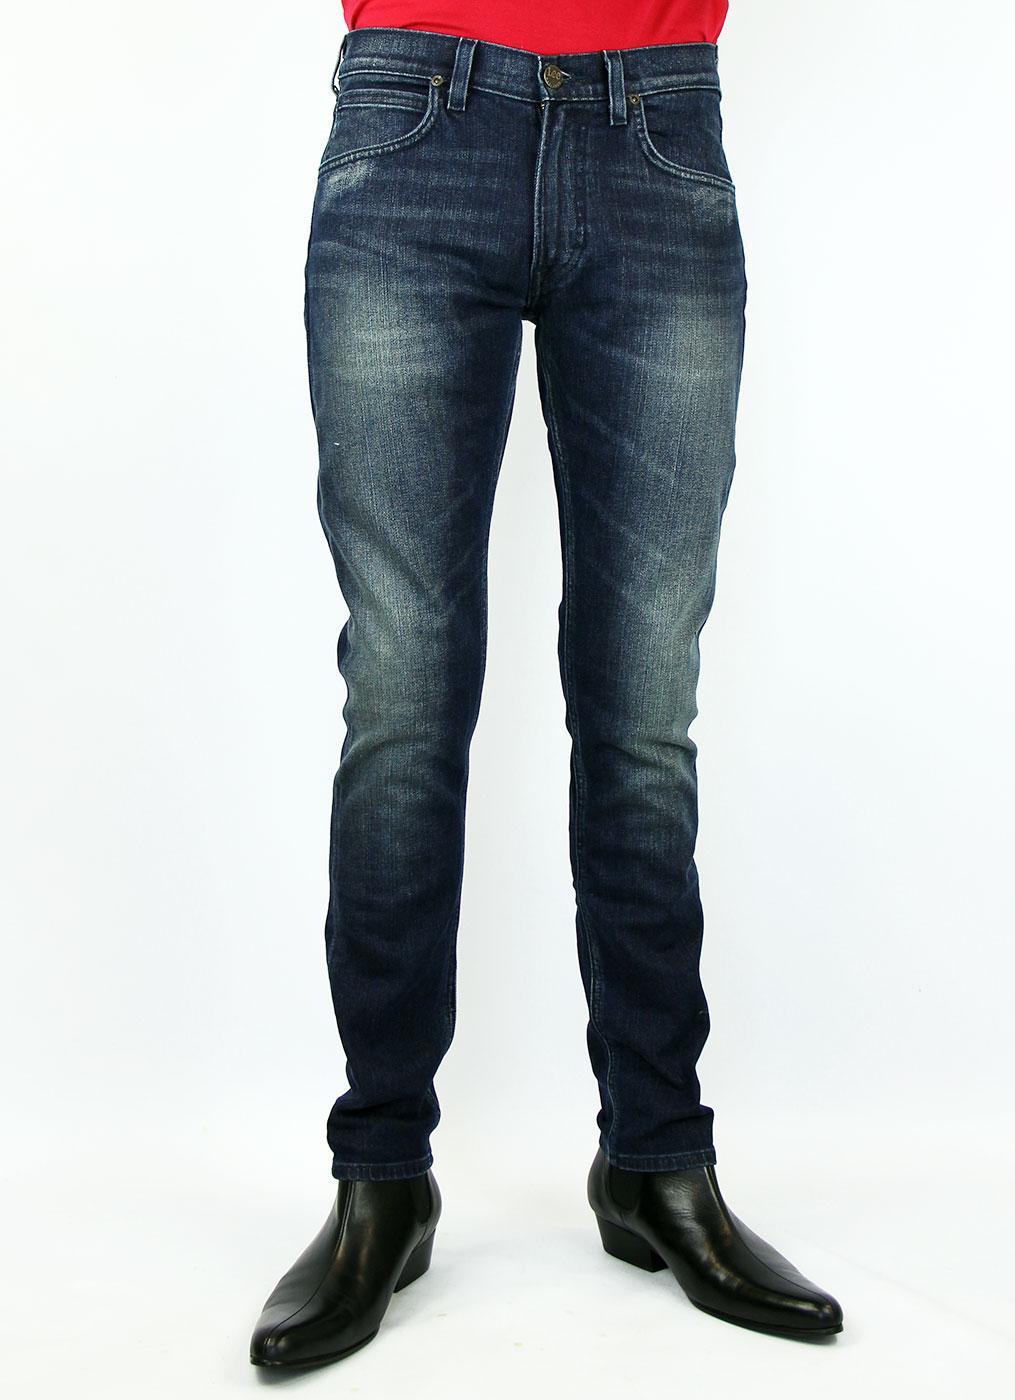 Luke LEE Jeans Retro Slim Tapered Indie Jeans DR